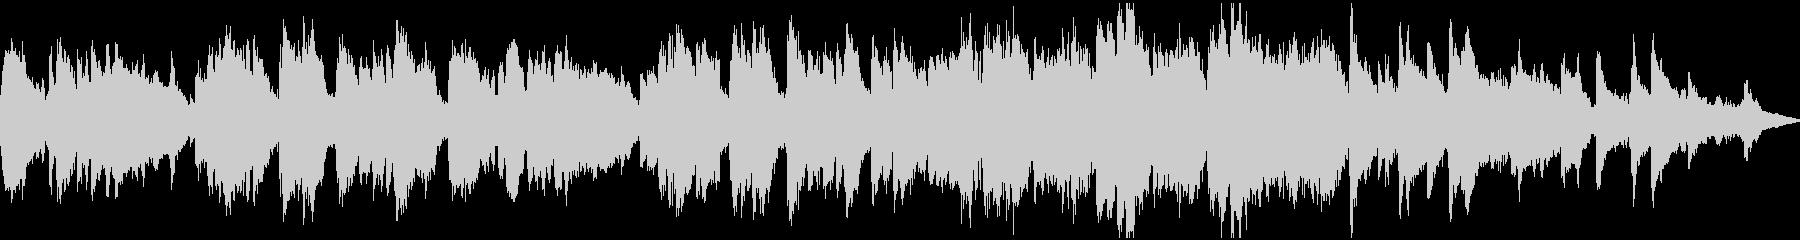 造語&チェレスタの切ない小曲・ループの未再生の波形